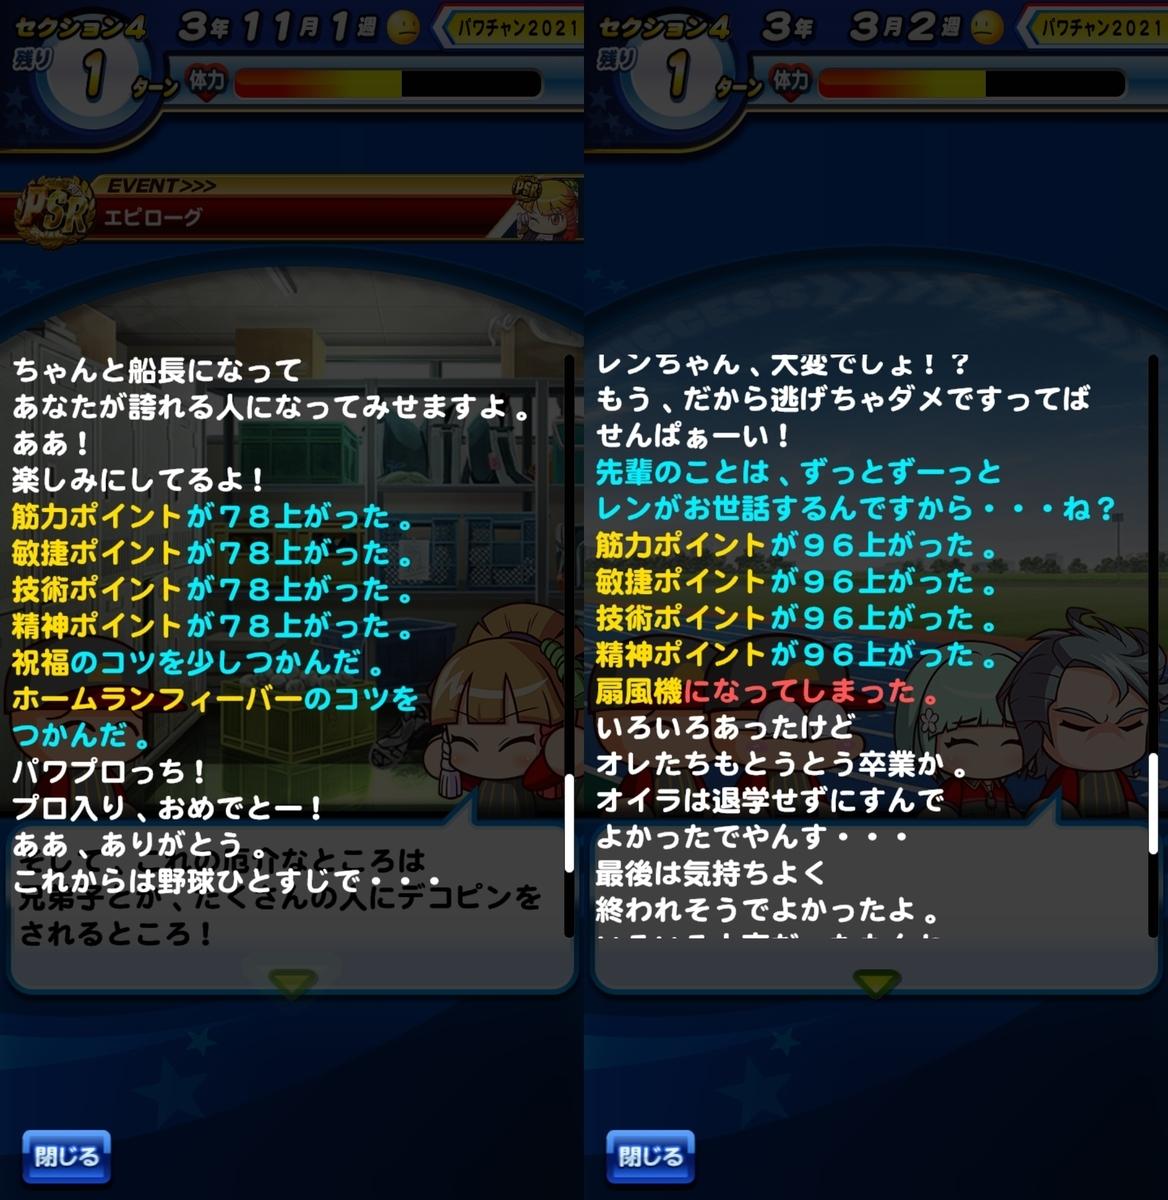 f:id:arimurasaji:20210729180146j:plain